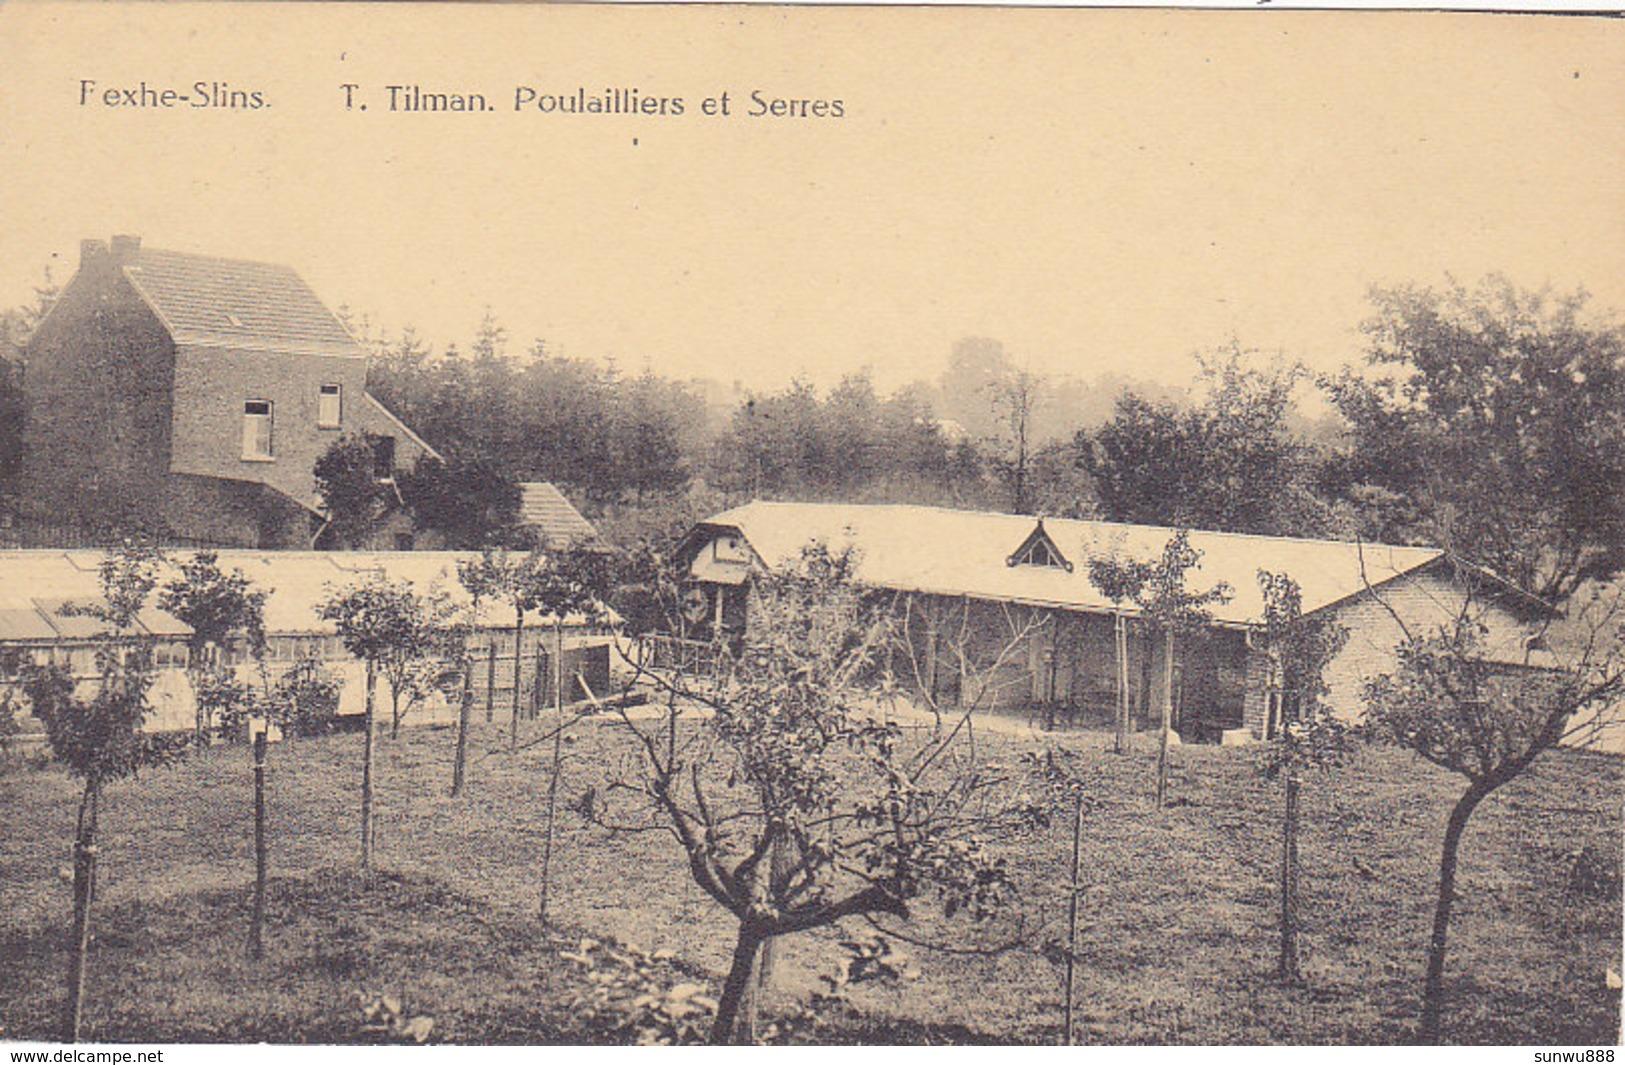 Fexhe - Slins - T. Tilman Poulaillers Et Serres (Edit. Henri Kaquet) - Juprelle